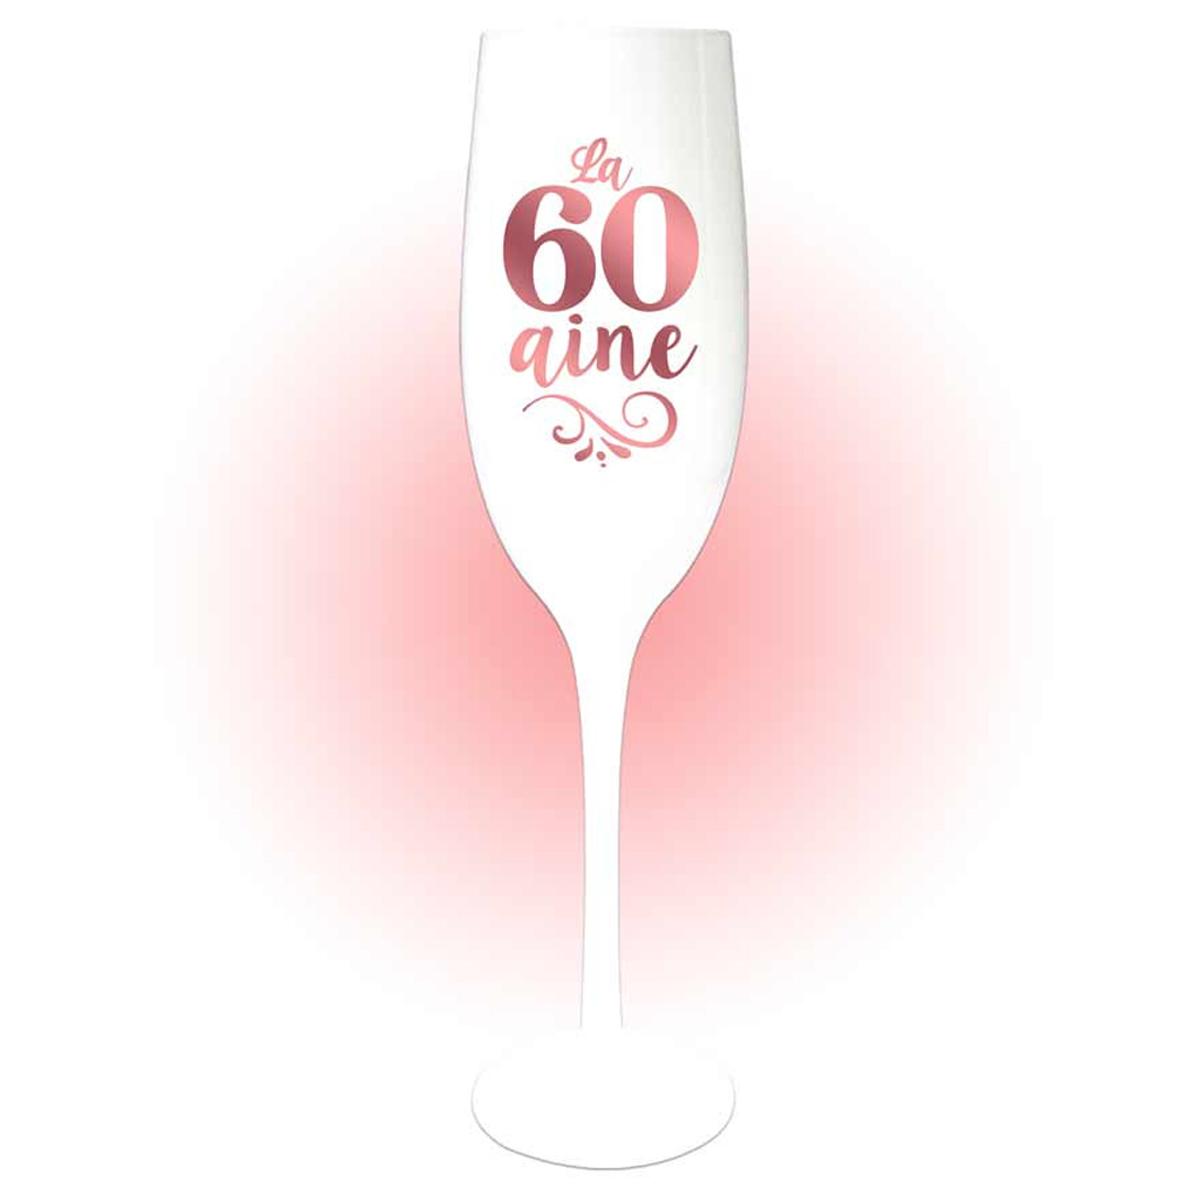 Coupe flute à champagne \'60 aine\' blanc doré rosé (gold pink) - 24x5 cm - [Q8395]